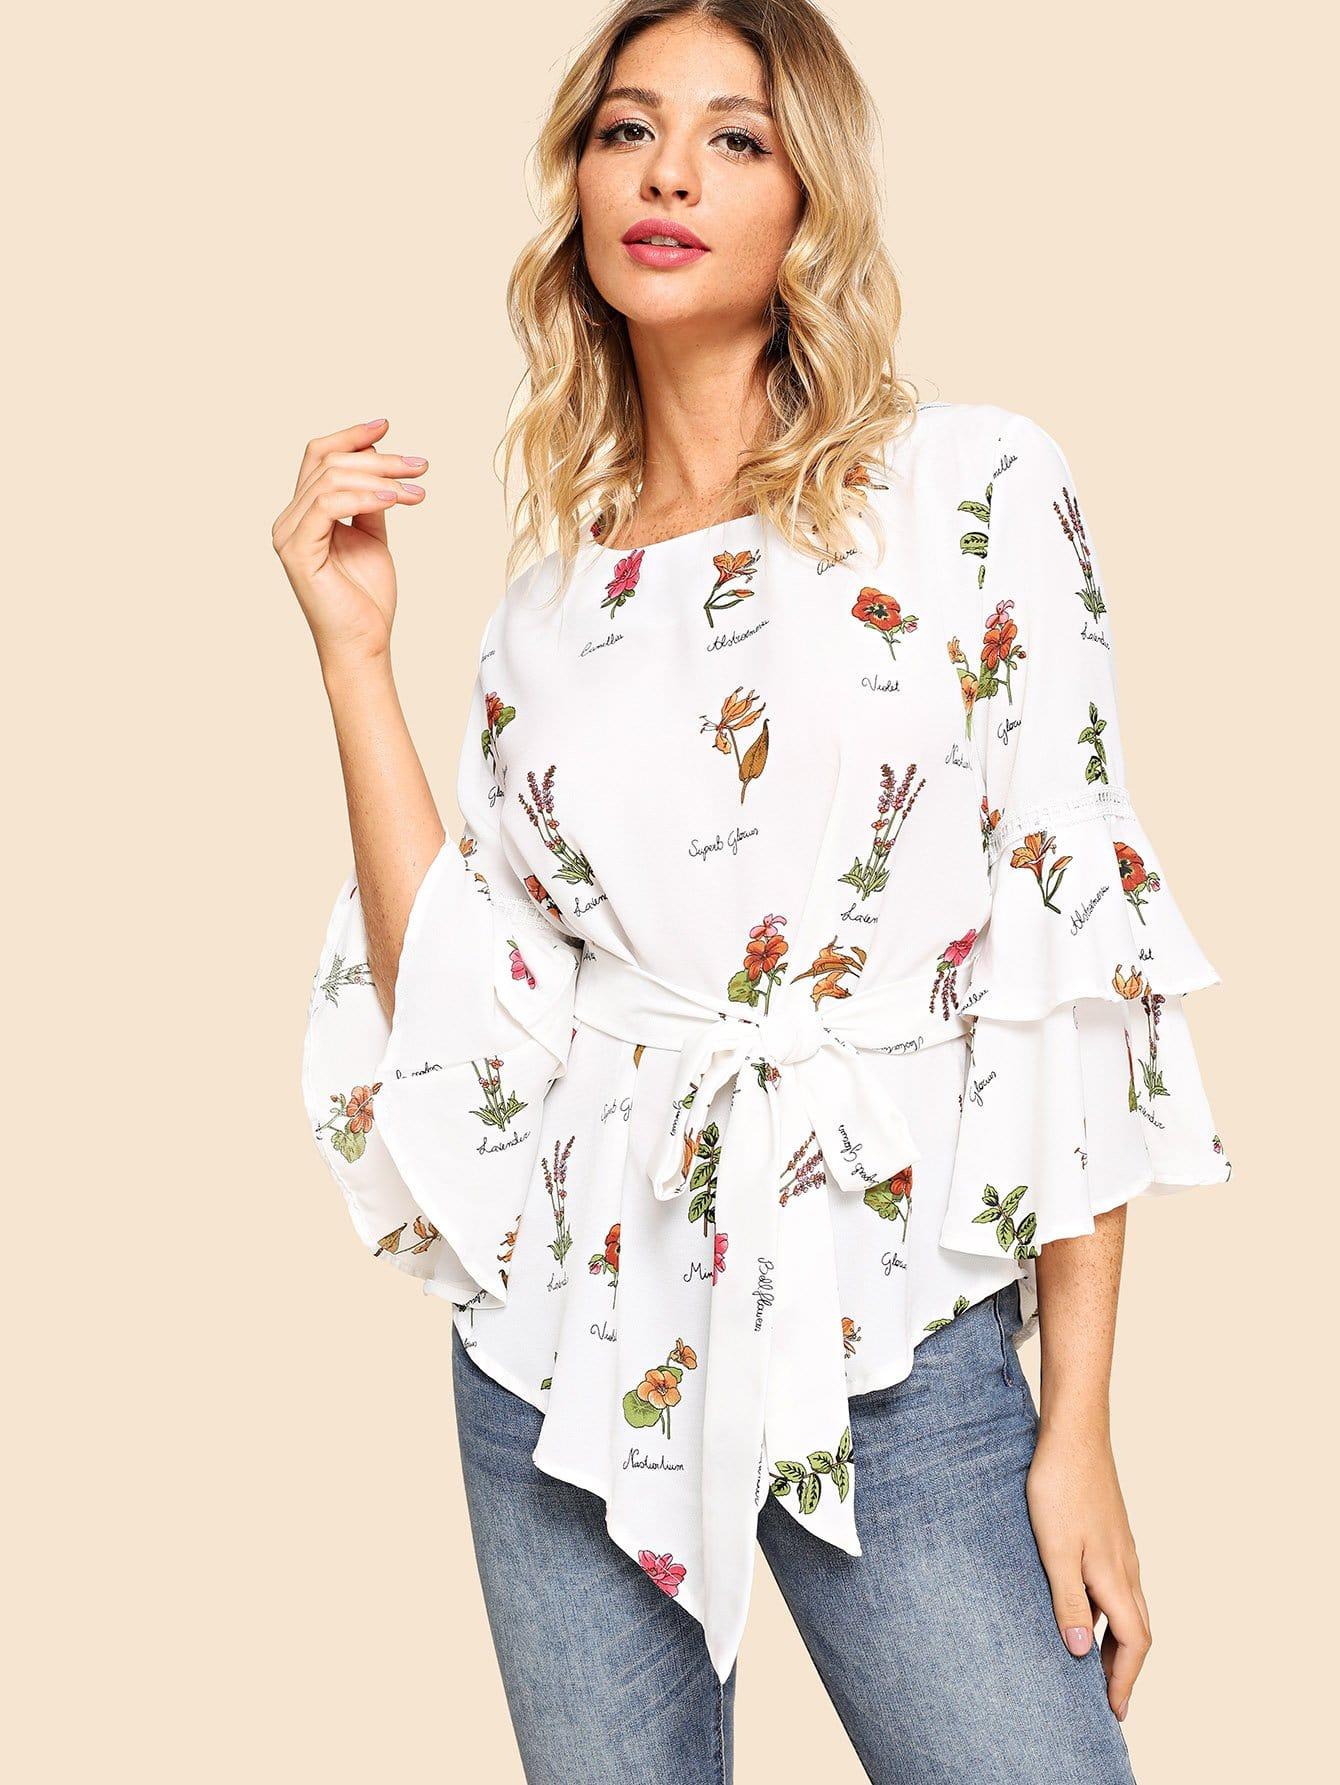 Купить Асимметричная блуза с рисунками растений и рукав с розеткой, Nathane, SheIn